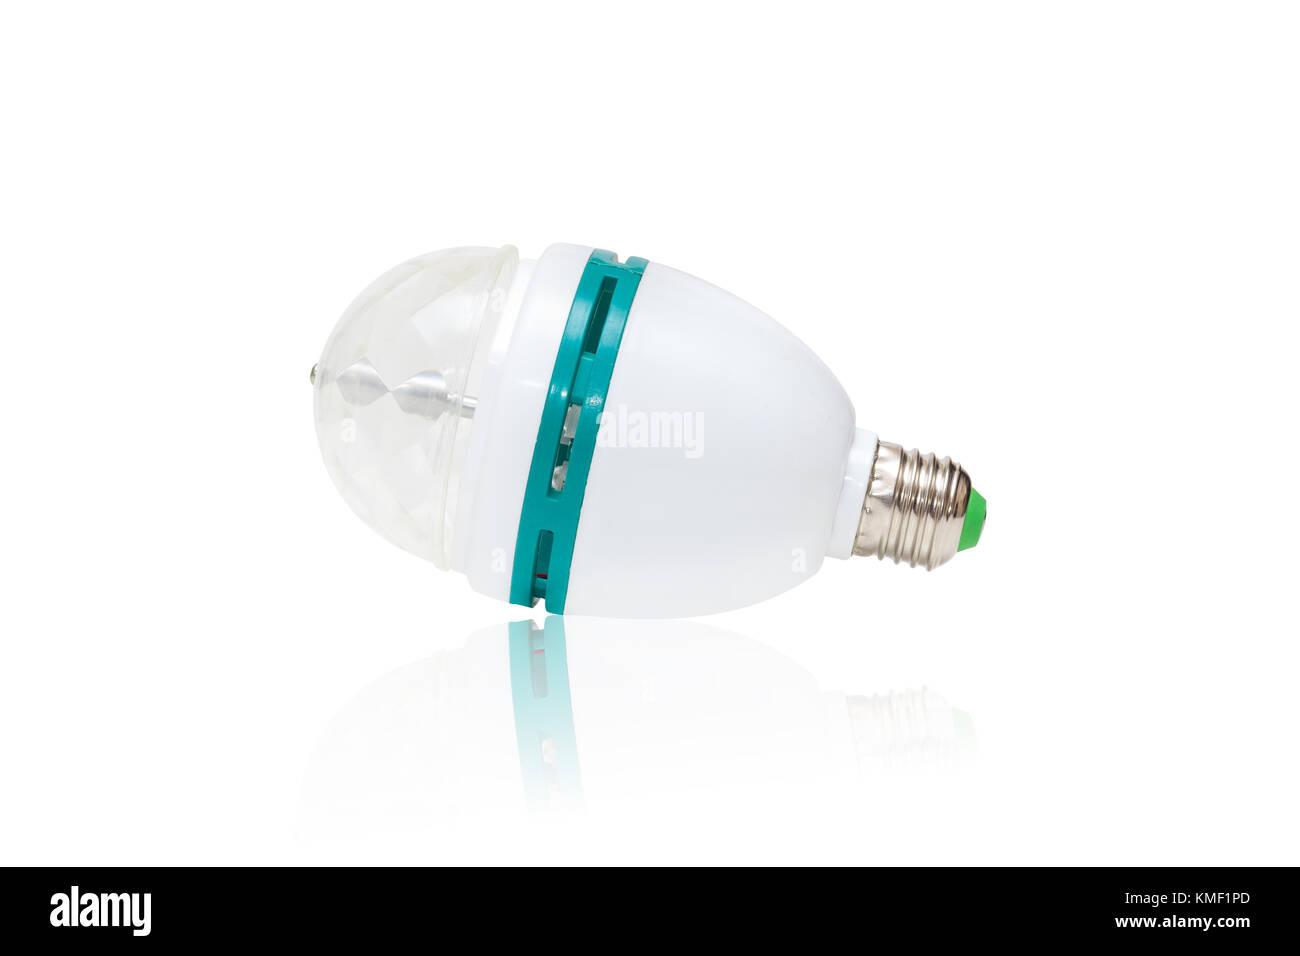 Bunte Auto drehen RGB-LED-Lampe auf weißem Hintergrund mit Reflexion ...